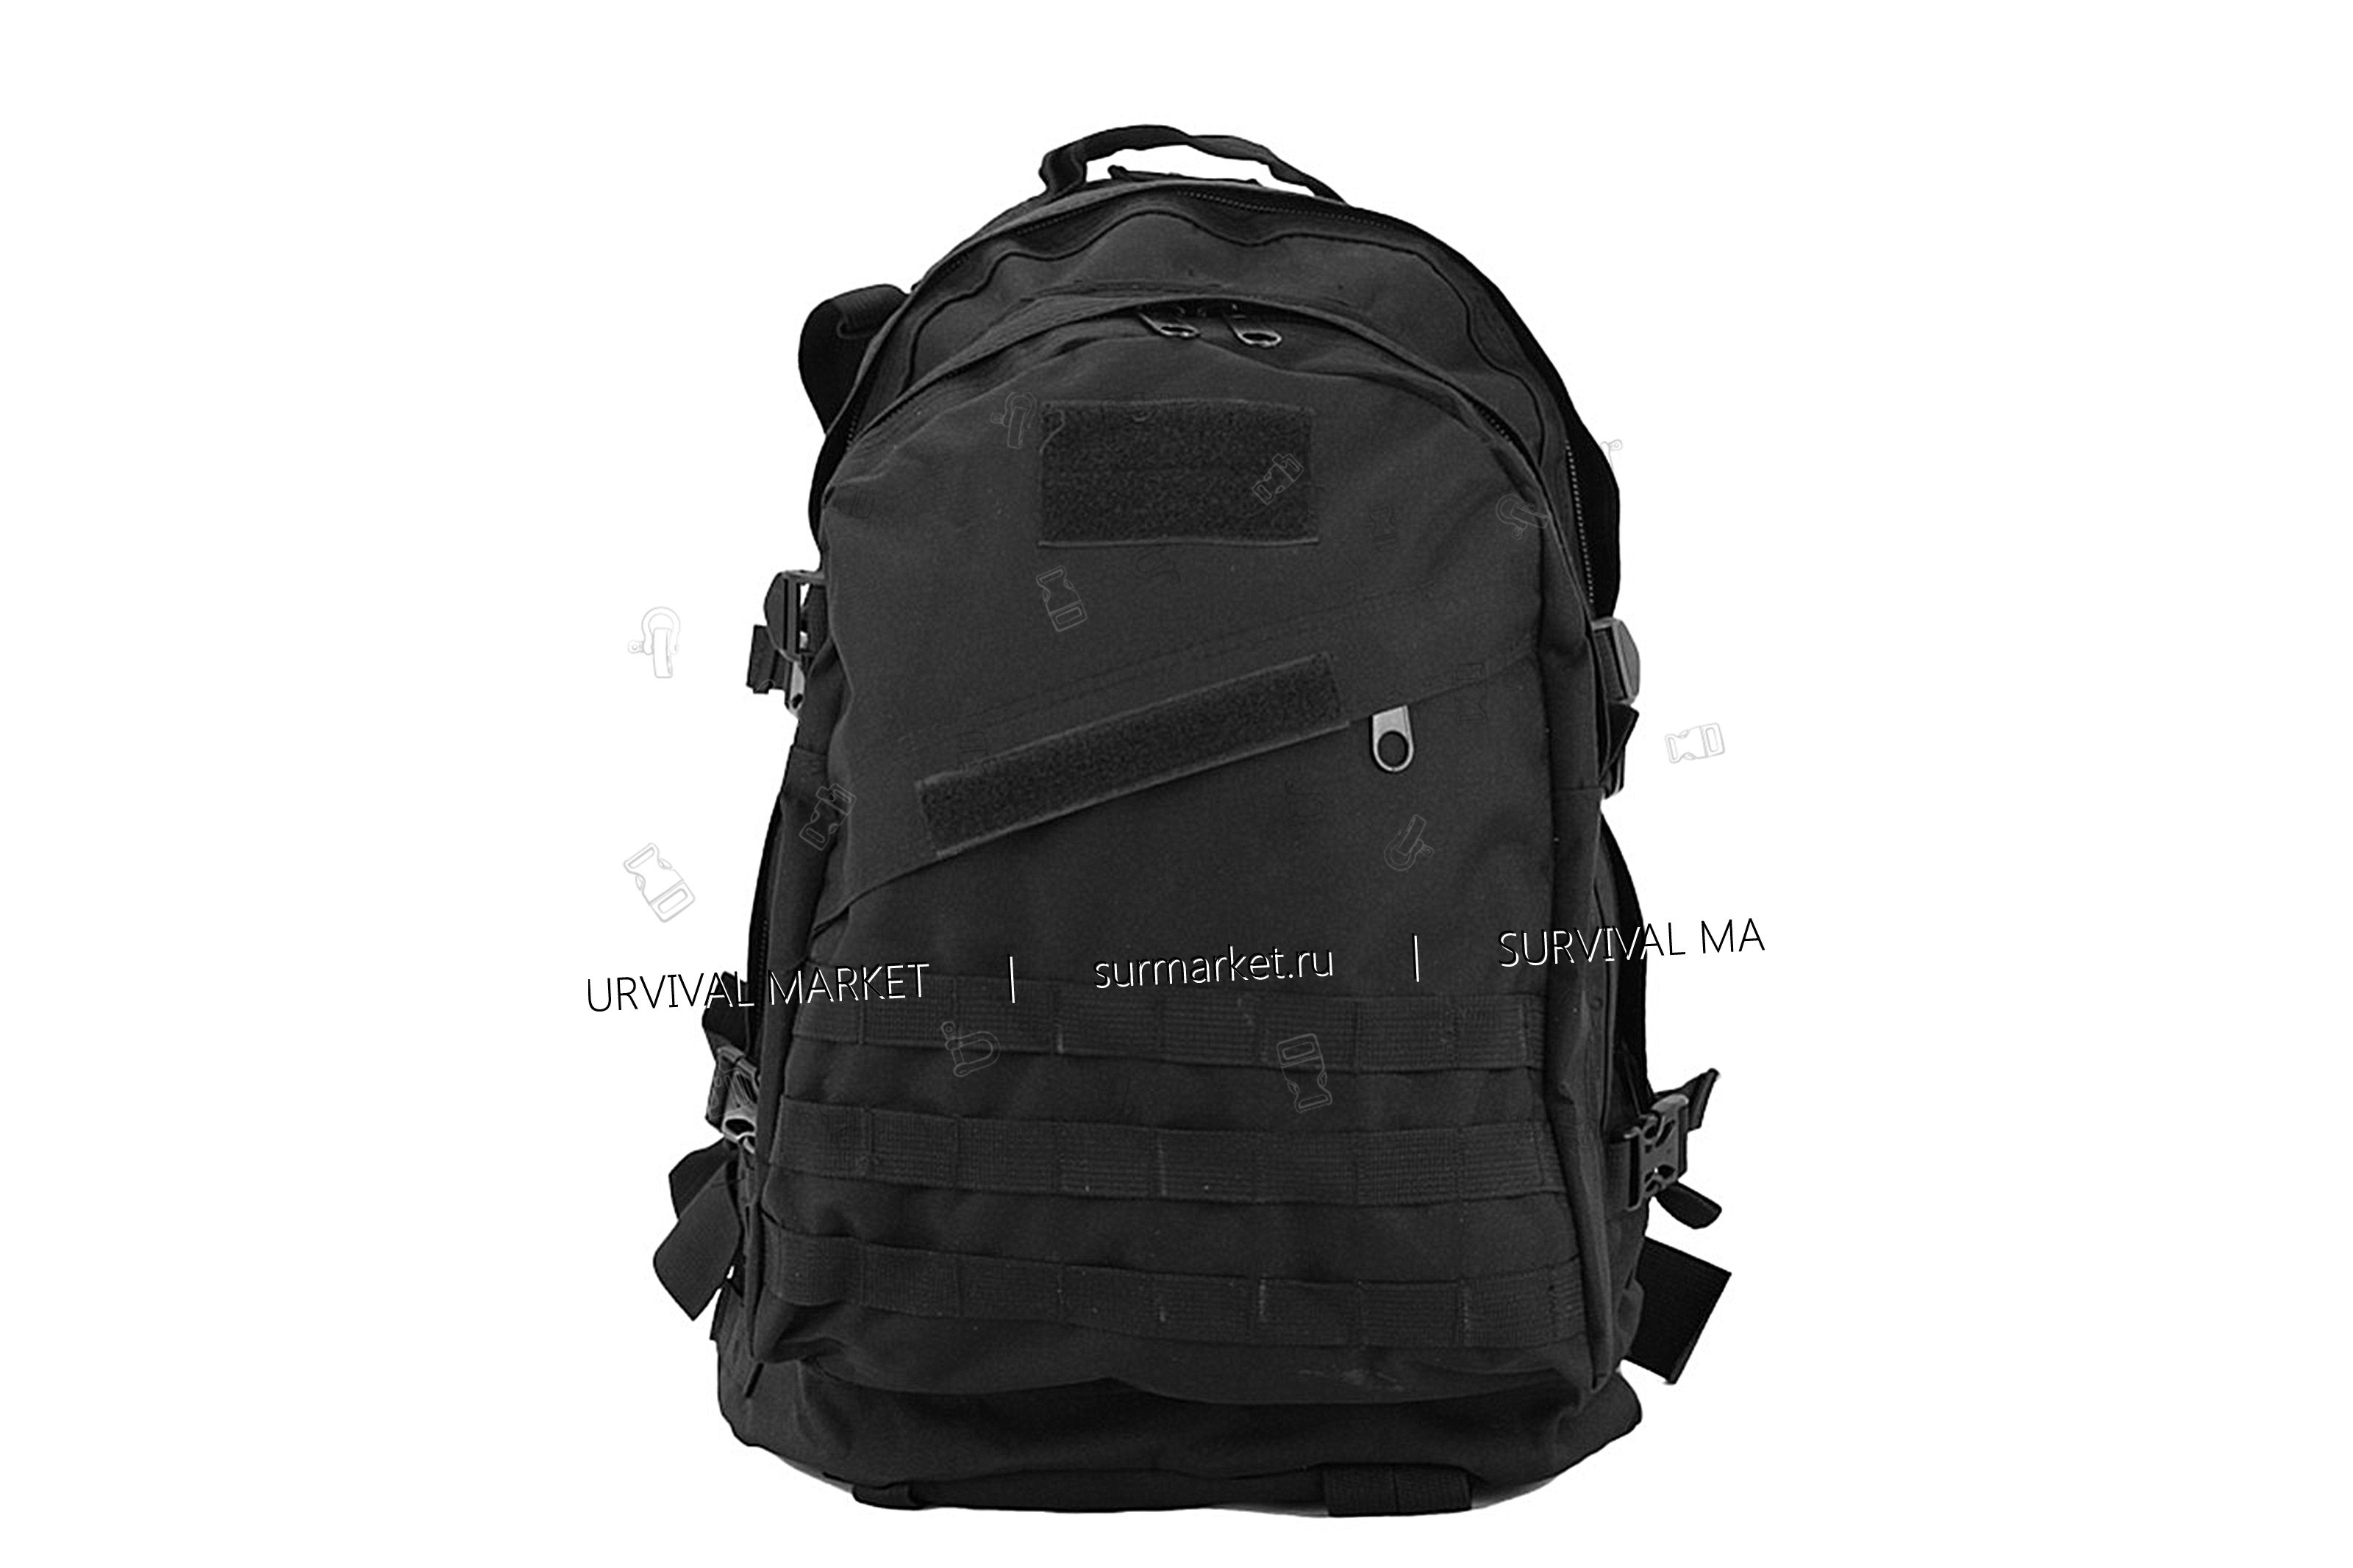 Тактический рюкзак vfufpbyс-пб рюкзак рк-2 хаки 40 л